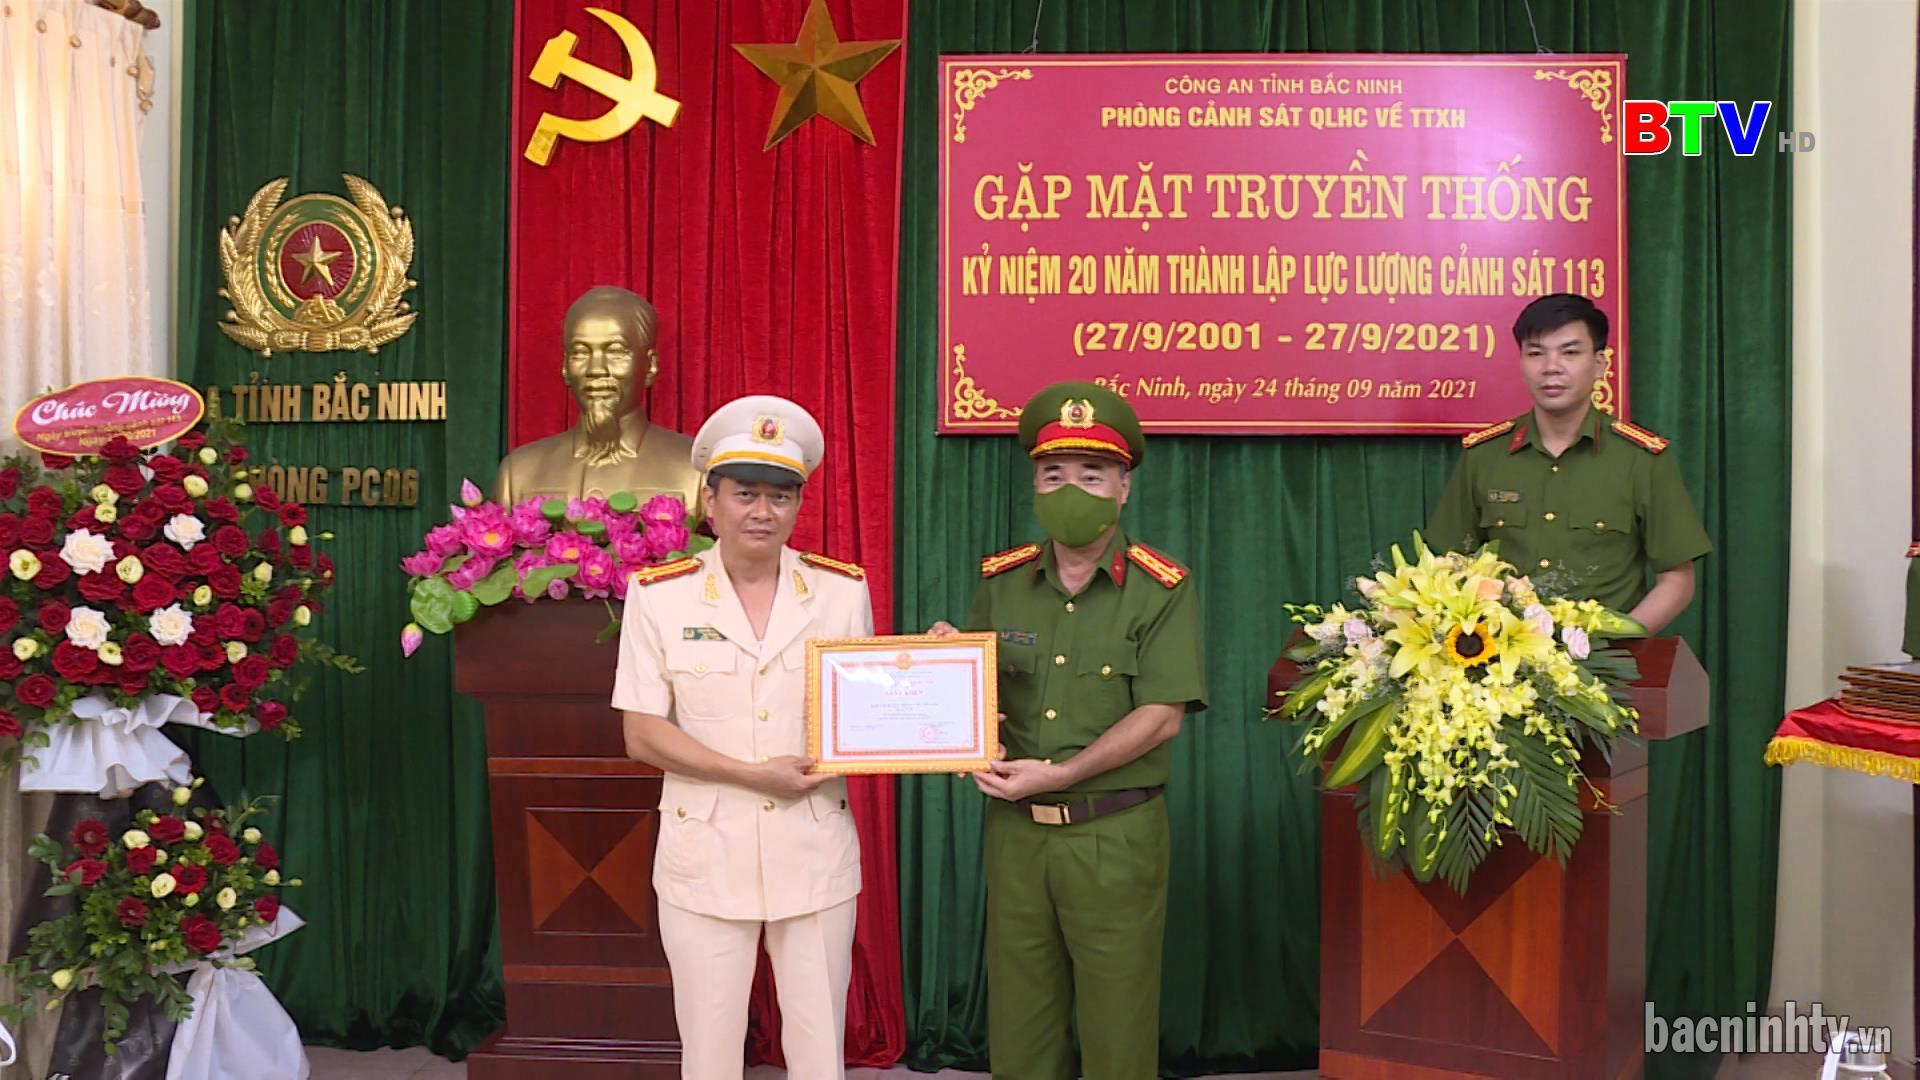 Gặp mặt truyền thống kỷ niệm 20 năm ngày thành lập lực lượng Cảnh sát 113